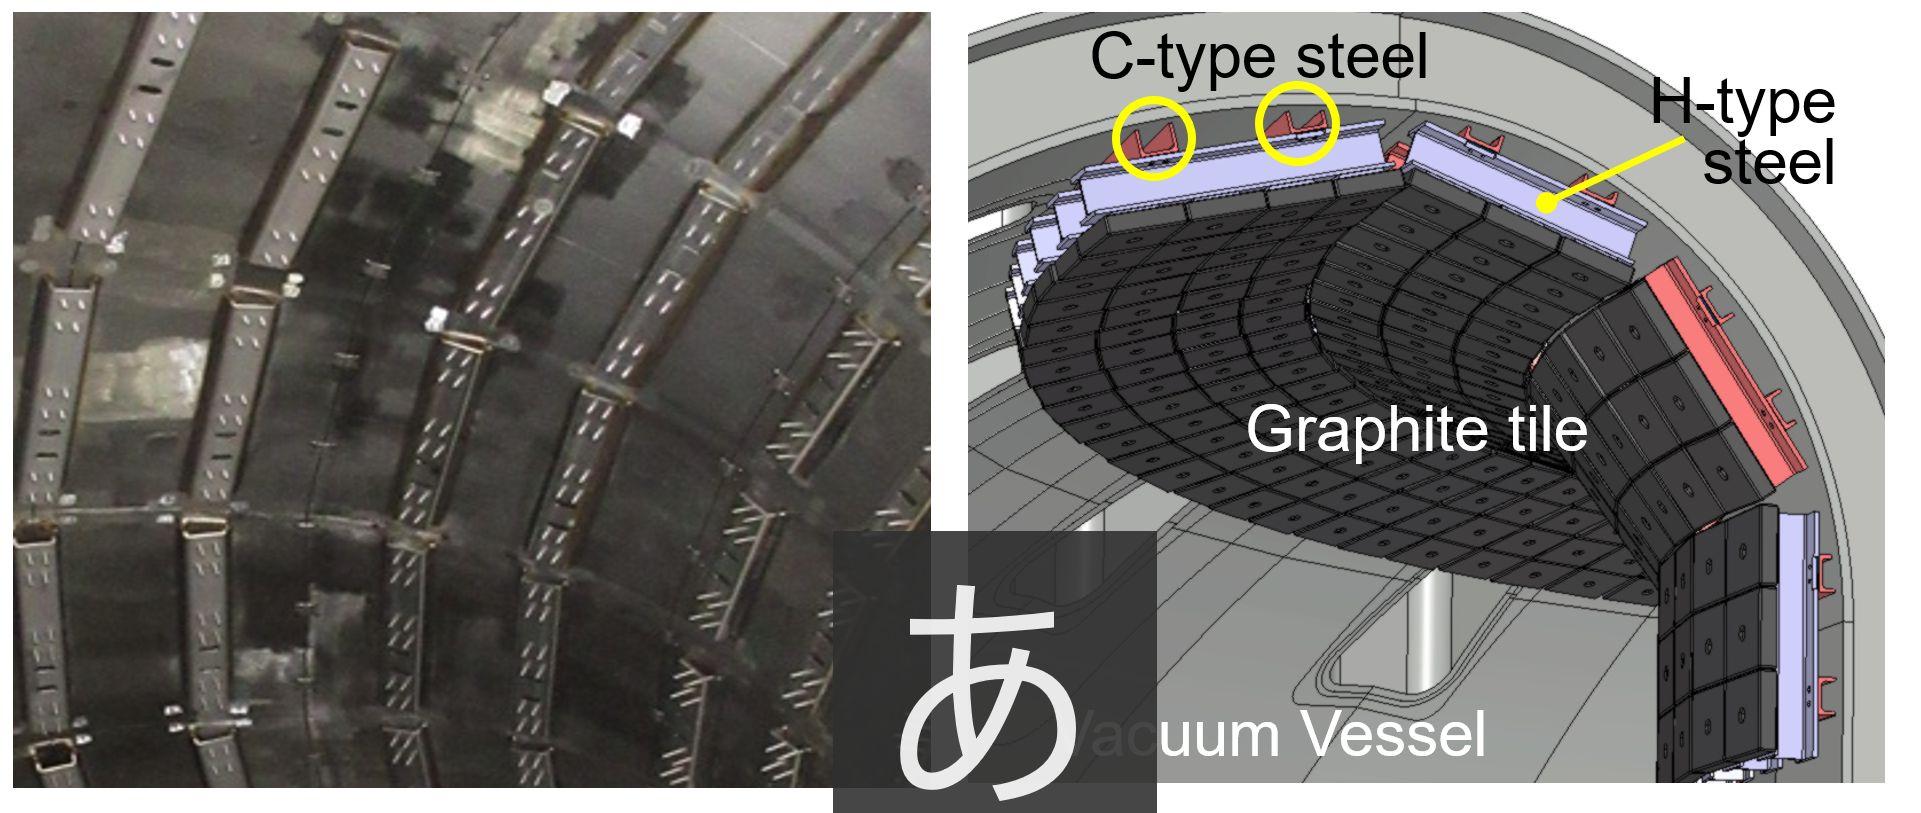 C-type steels of upper divertor.